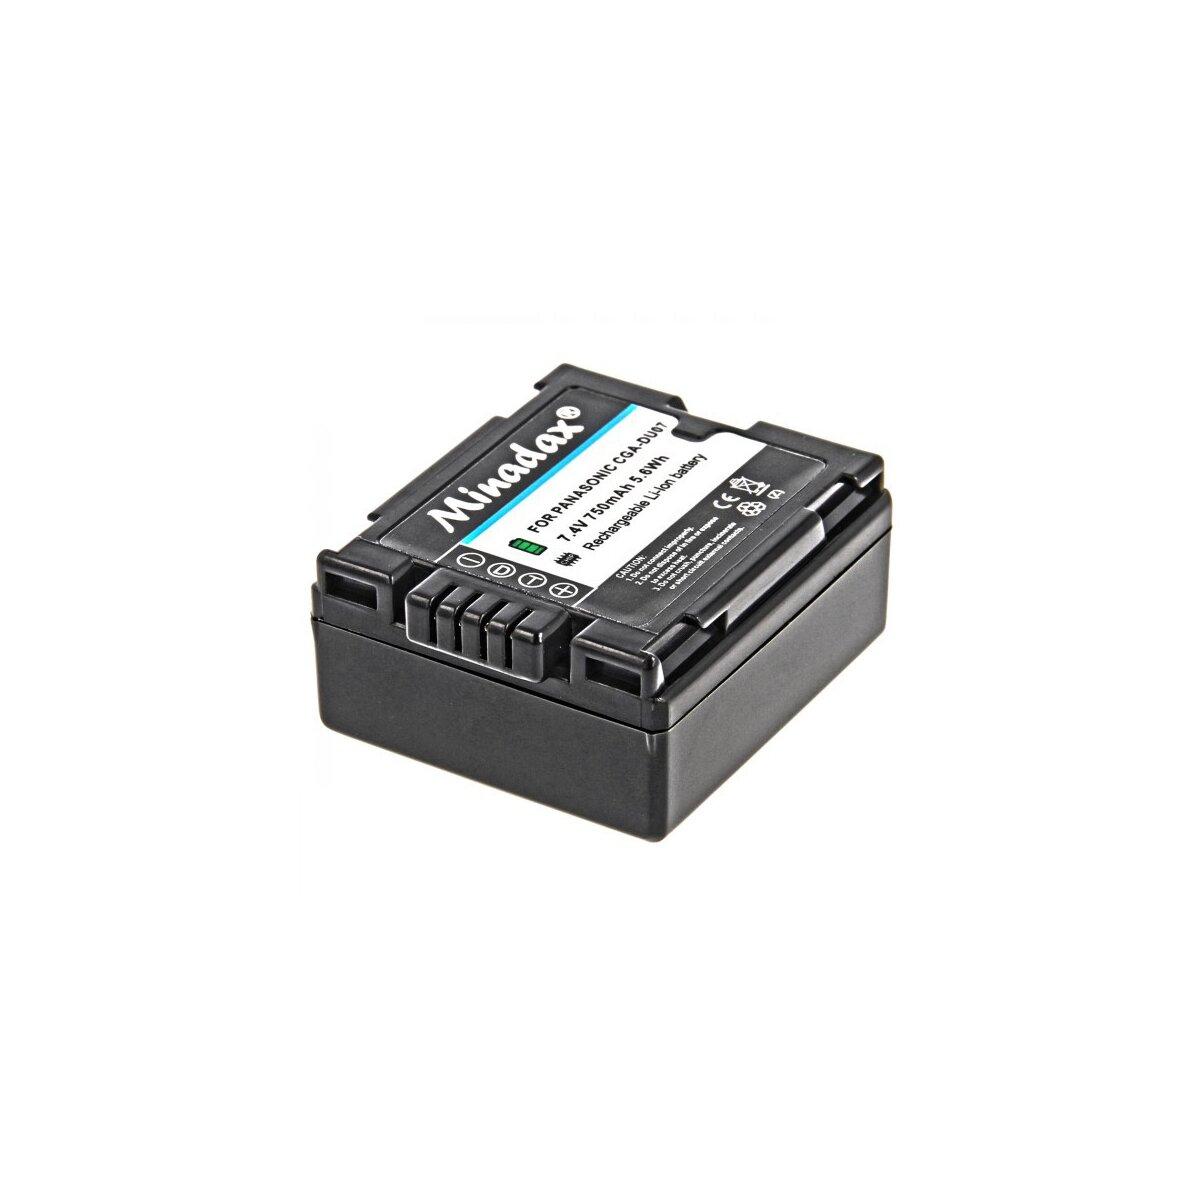 Minadax® Qualitaetsakku mit echten 750 mAh fuer Panasonic NV GS10 GS17 GS17EG GS21 GS22 GS27 GS30 GS33 GS35 GS50 GS55K GS60, wie CGA DU07 - Intelligentes Akkusystem mit Chip